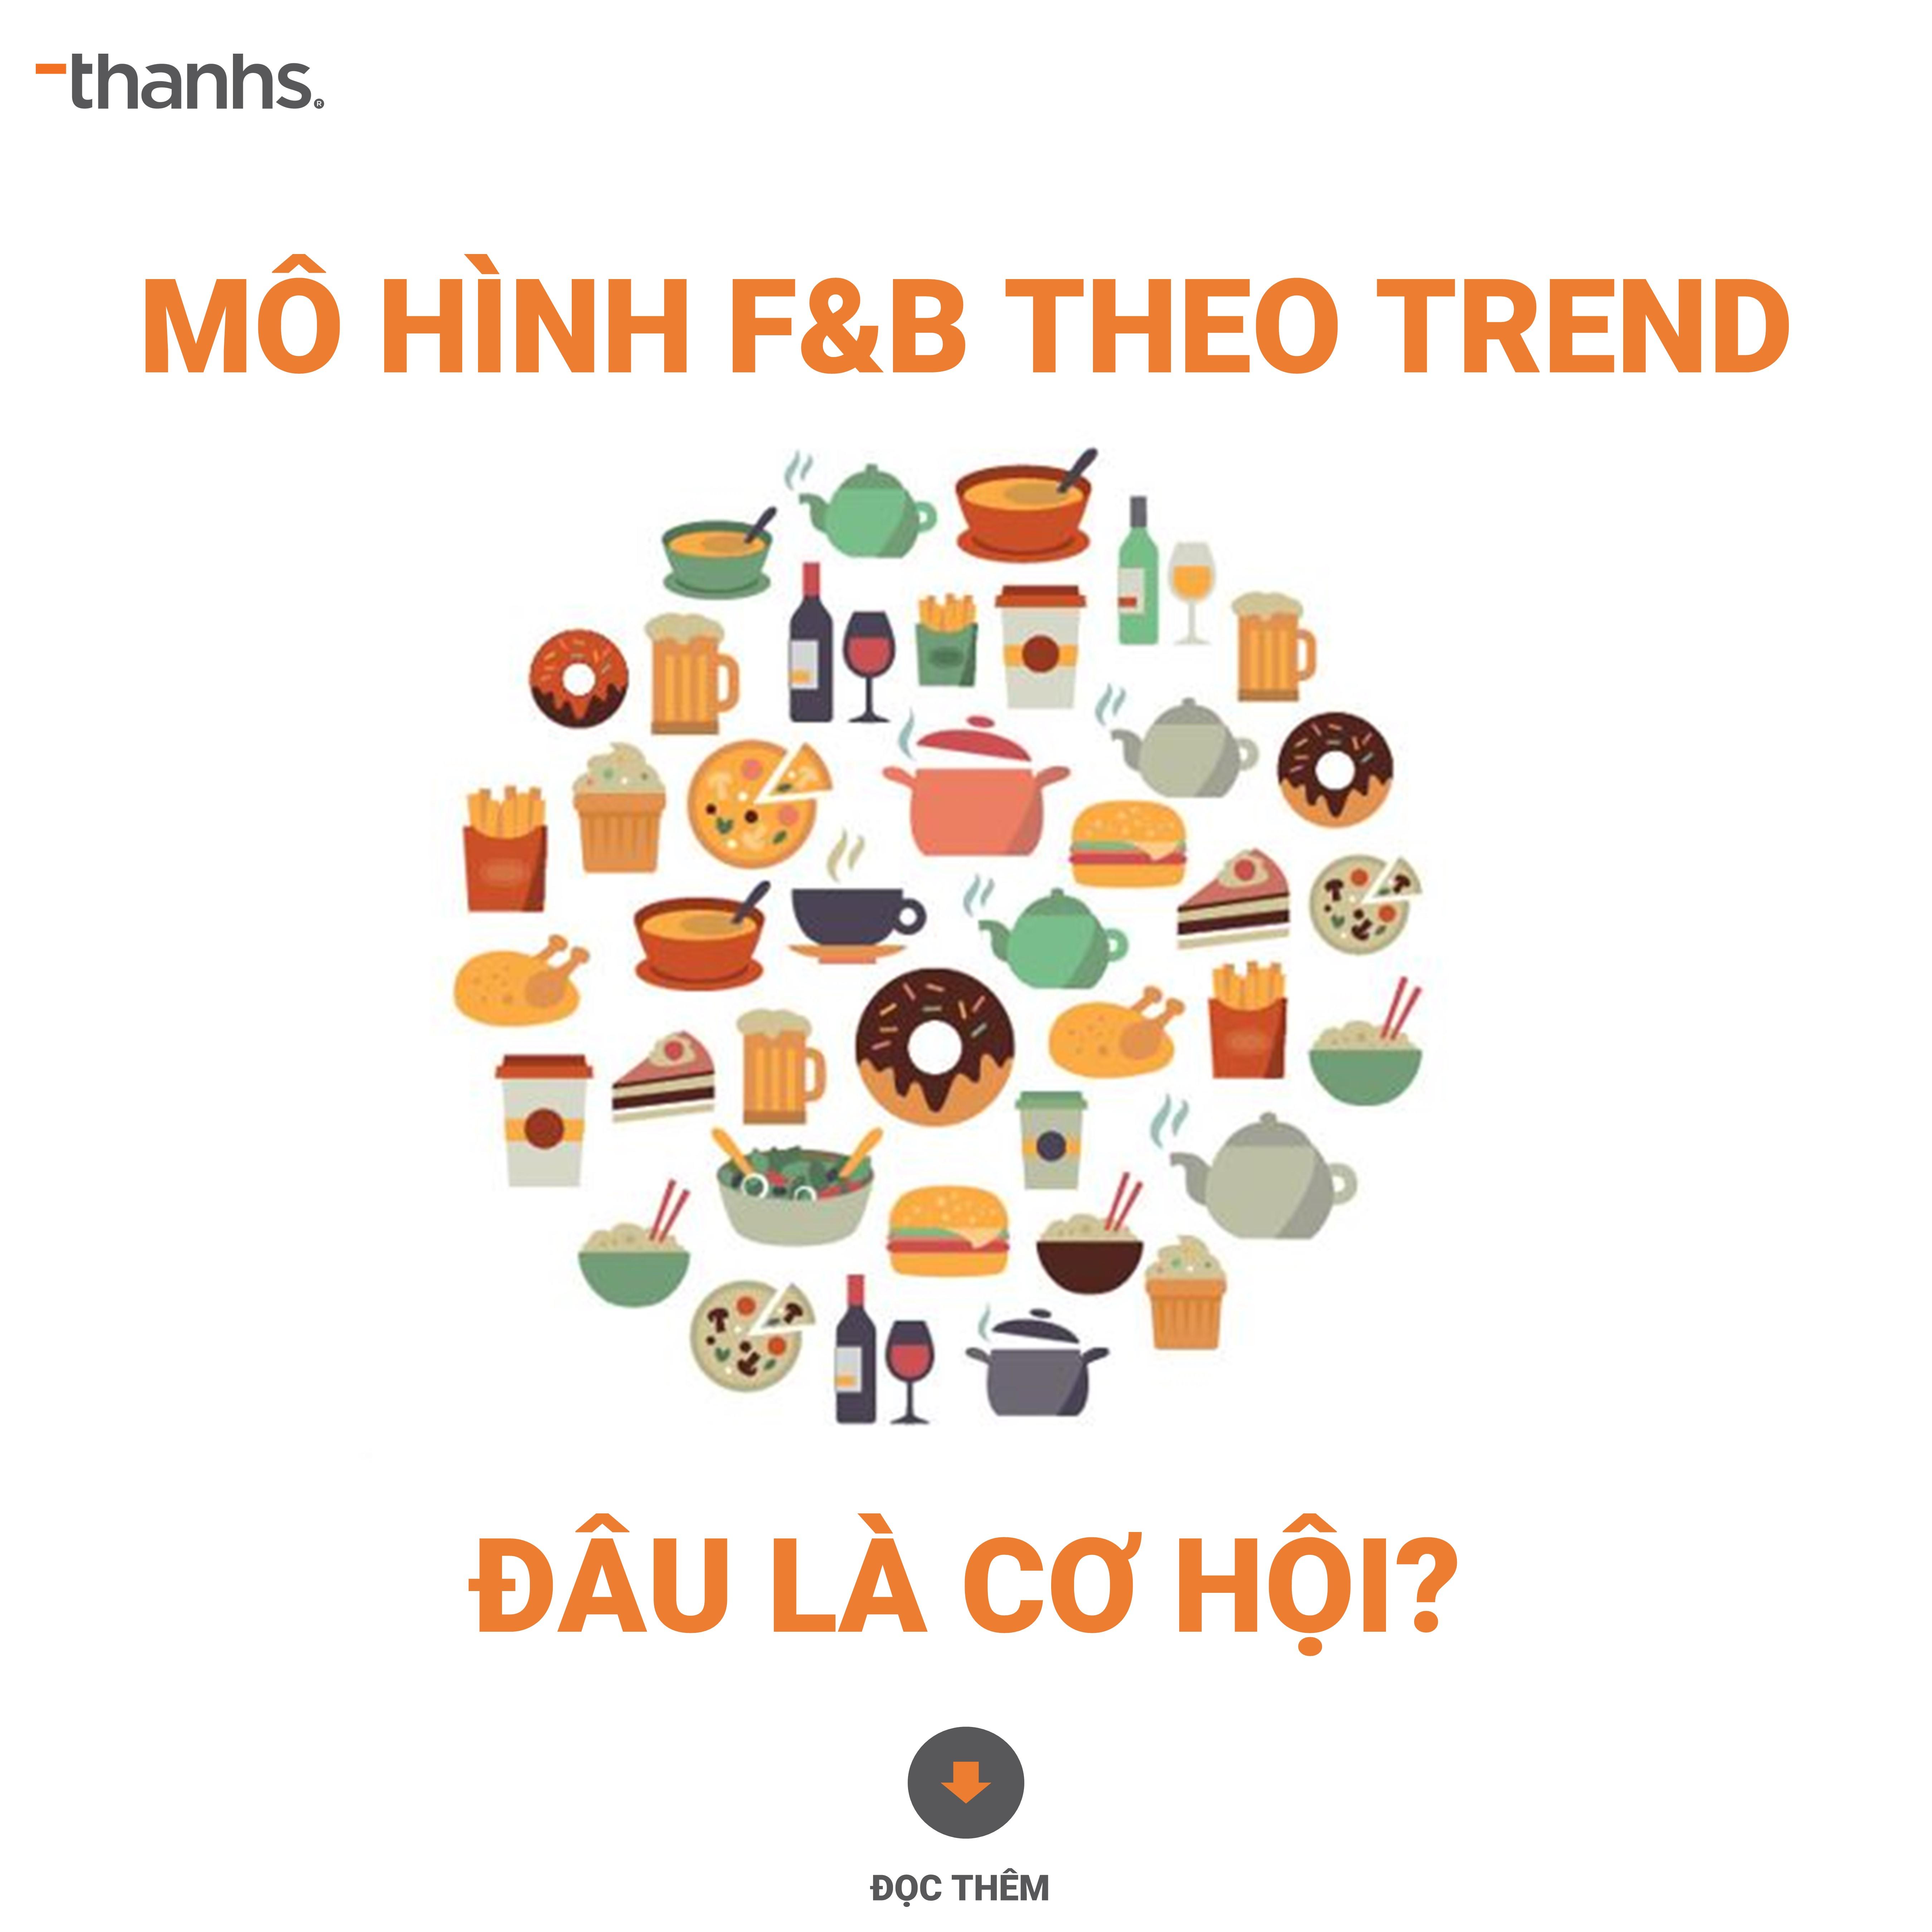 Mô hình F&B theo trend